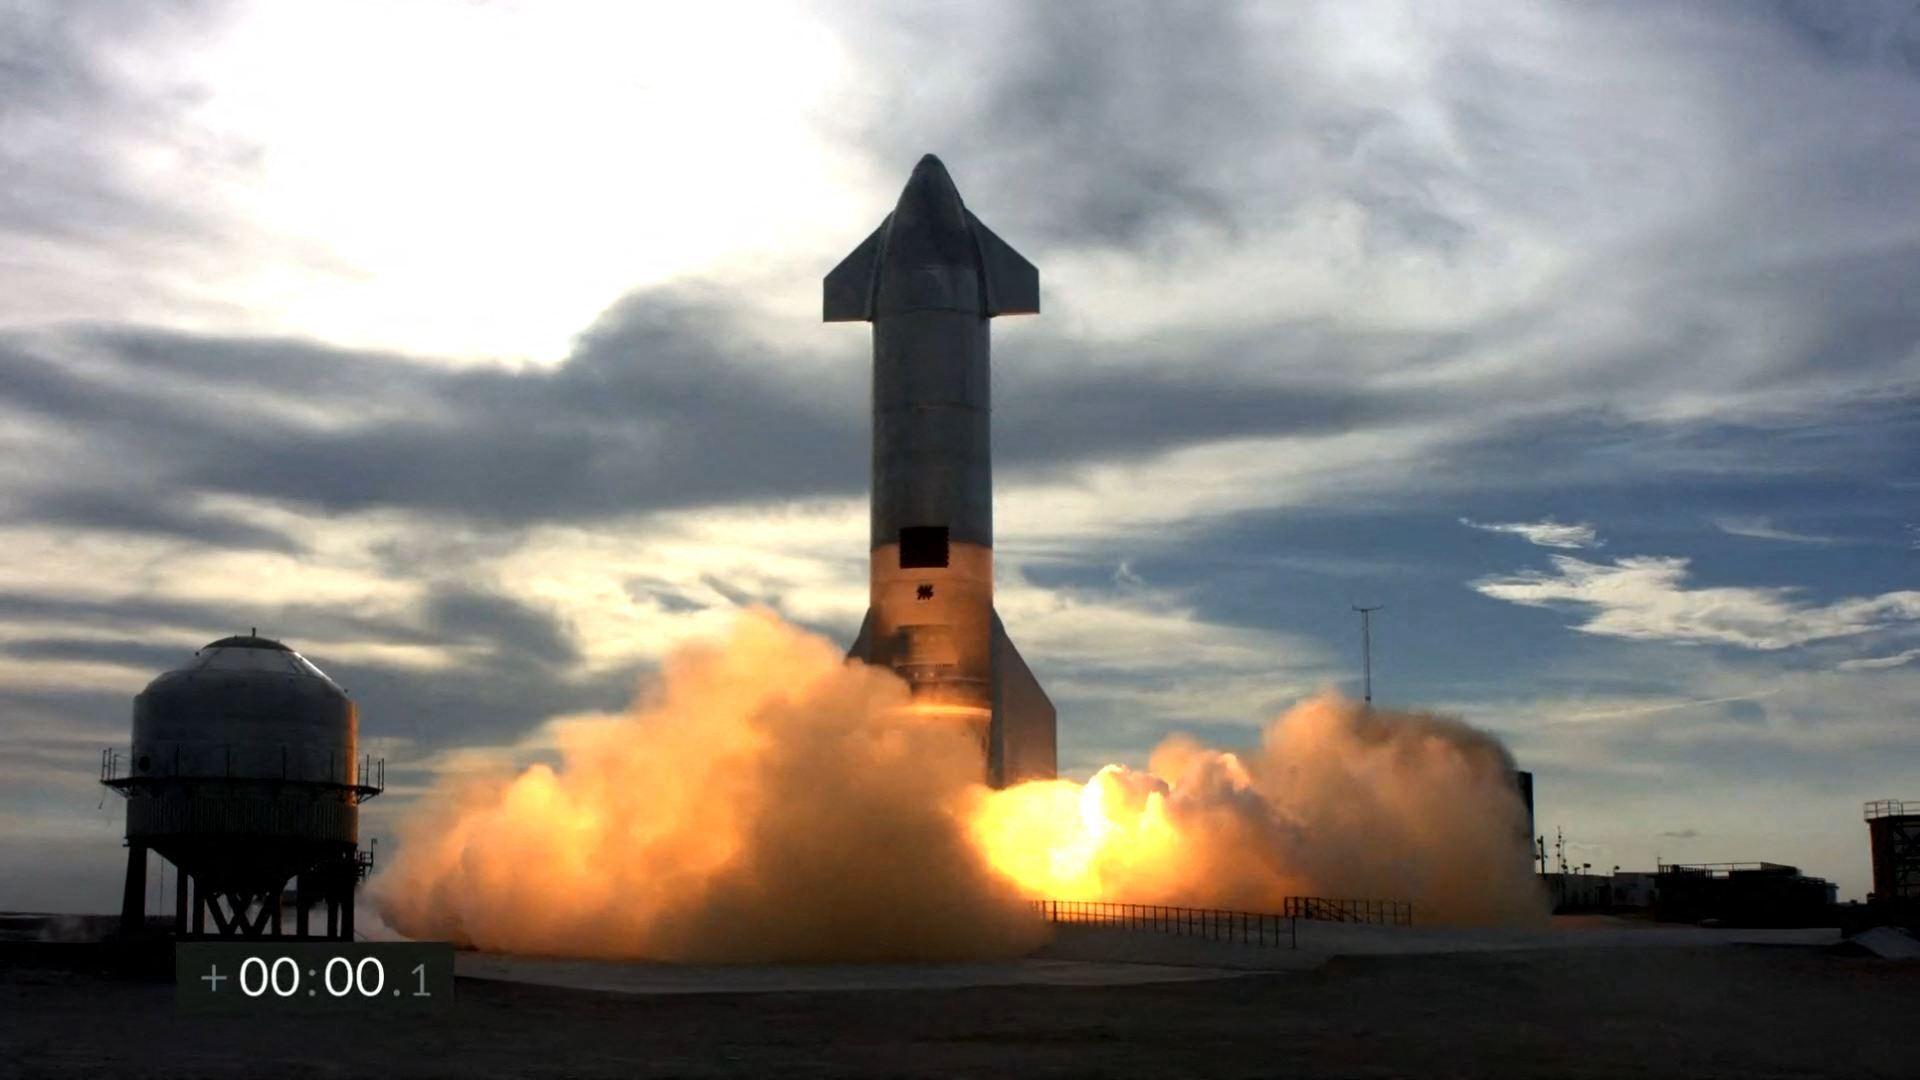 انفجار نموذج مركبة Starship الفضائية بعد دقائق من هبوطها (فيديو)